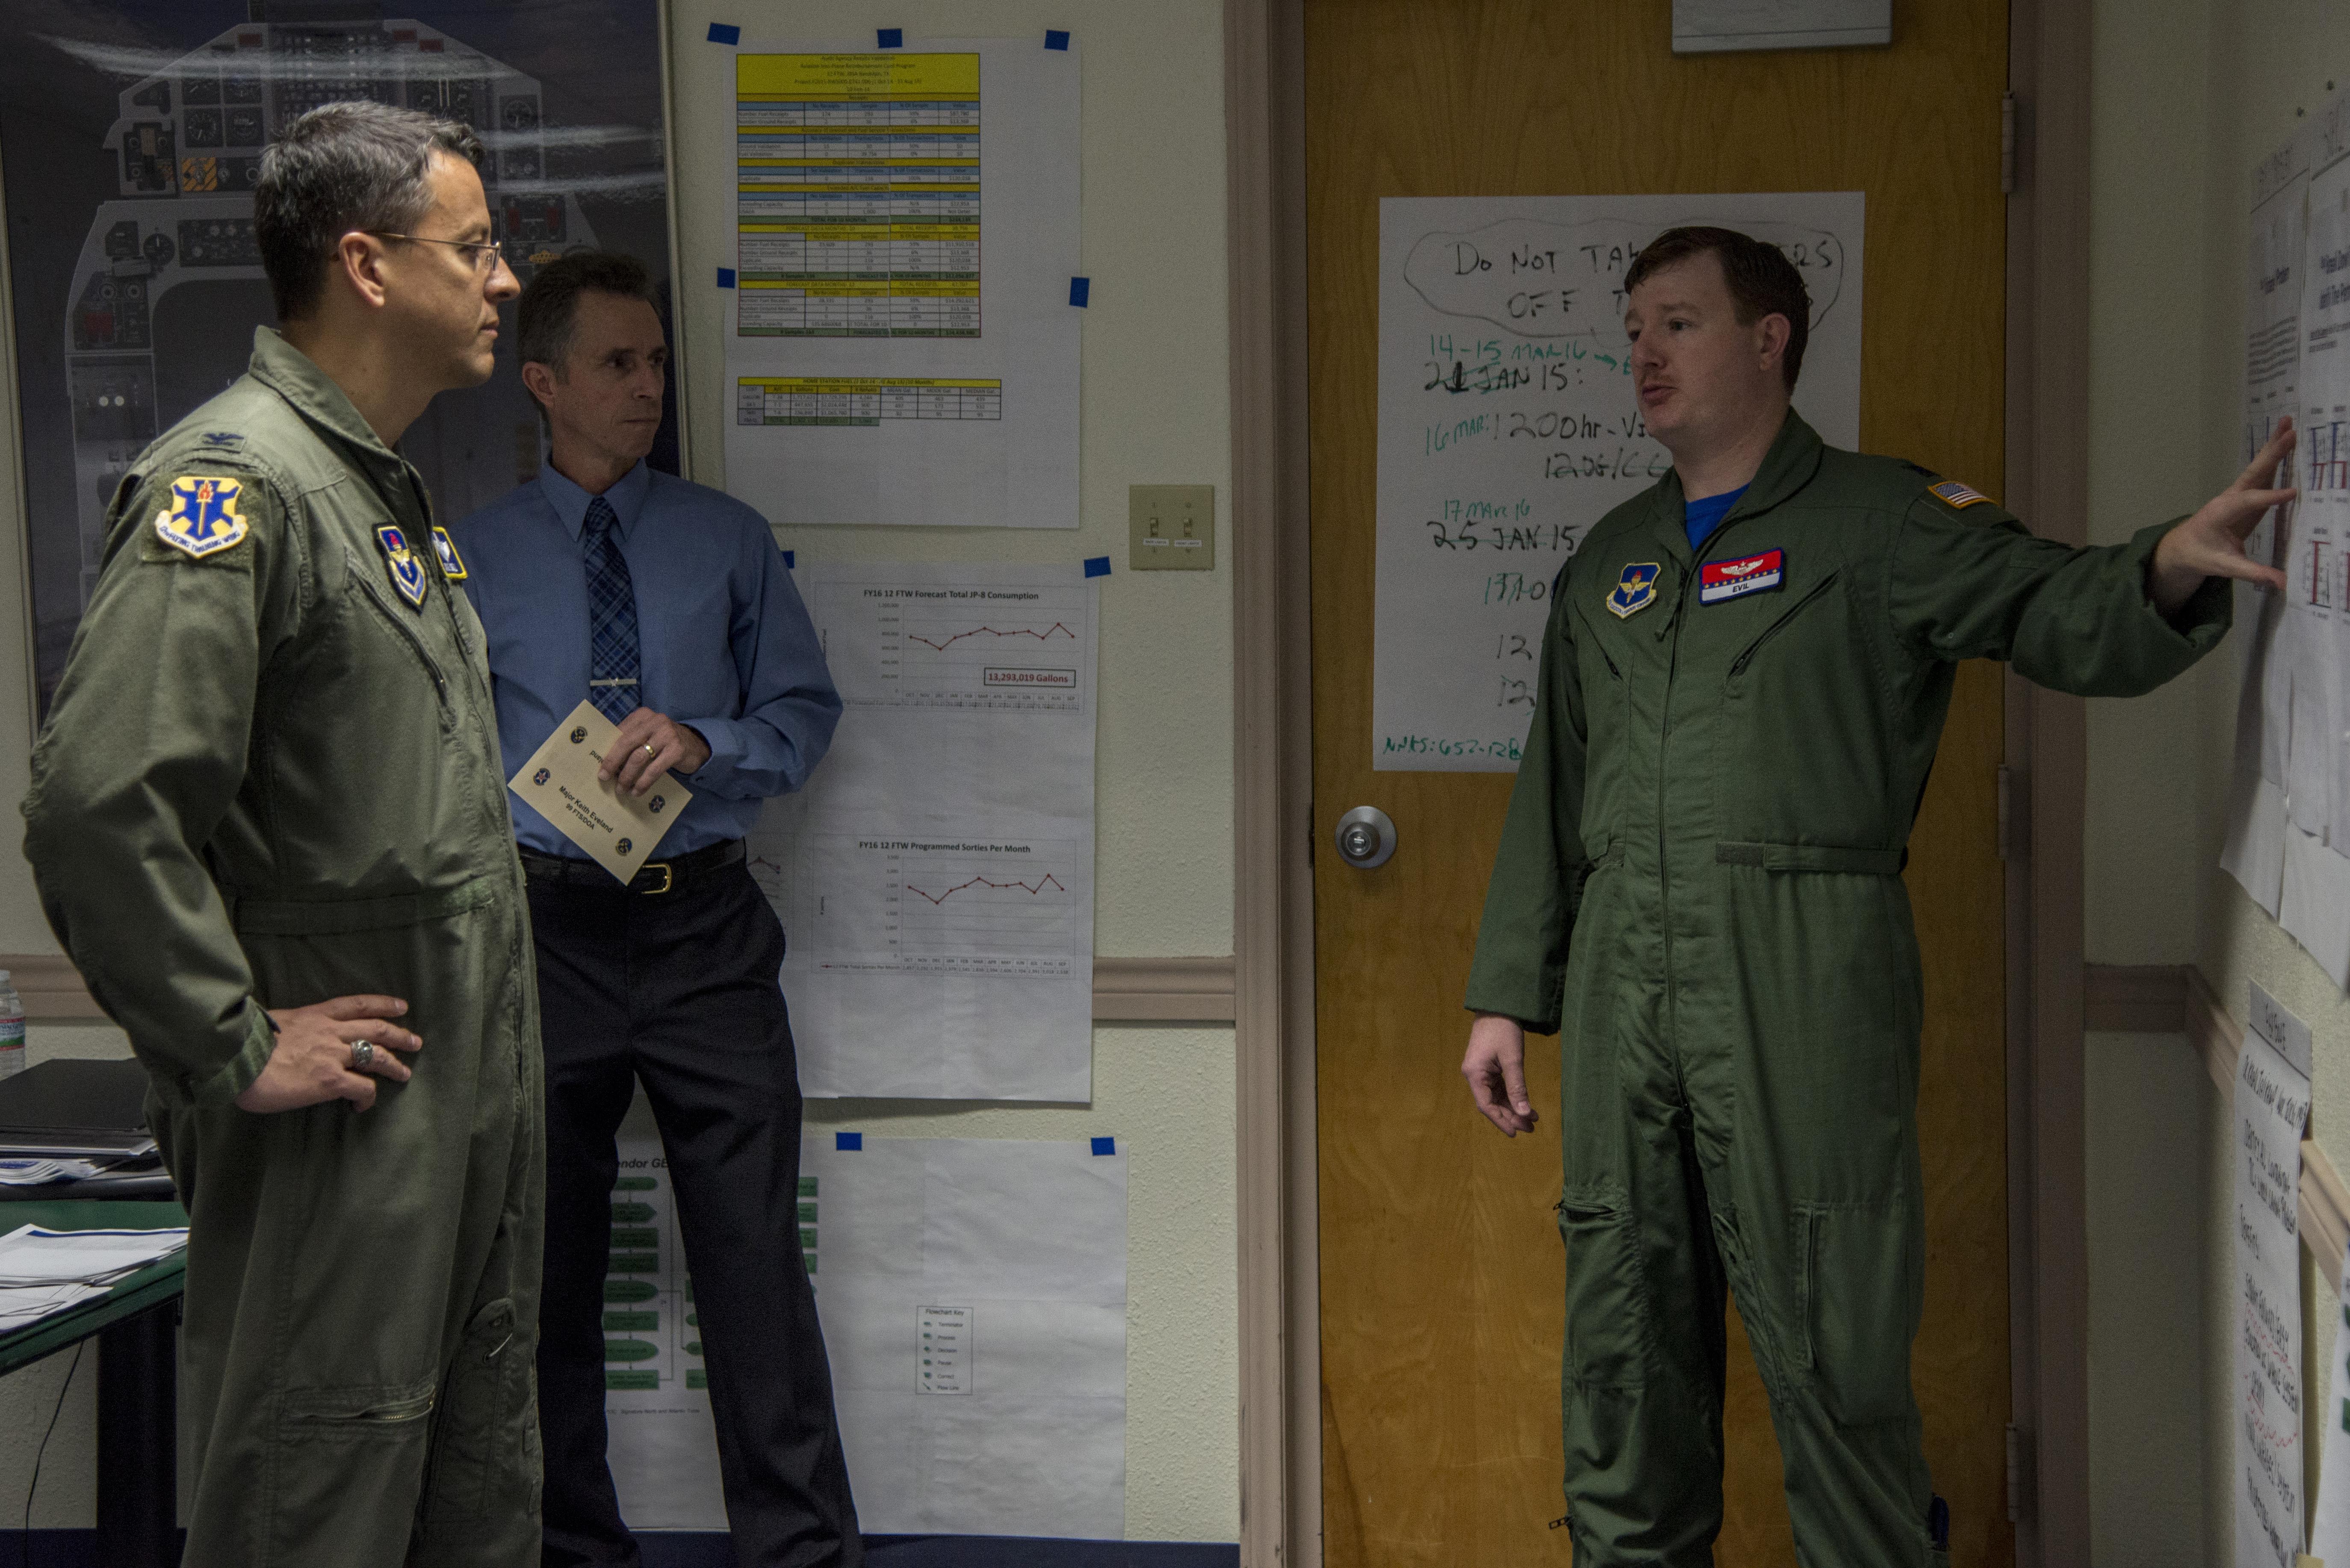 Meet an air force pilot dating san antonio txz